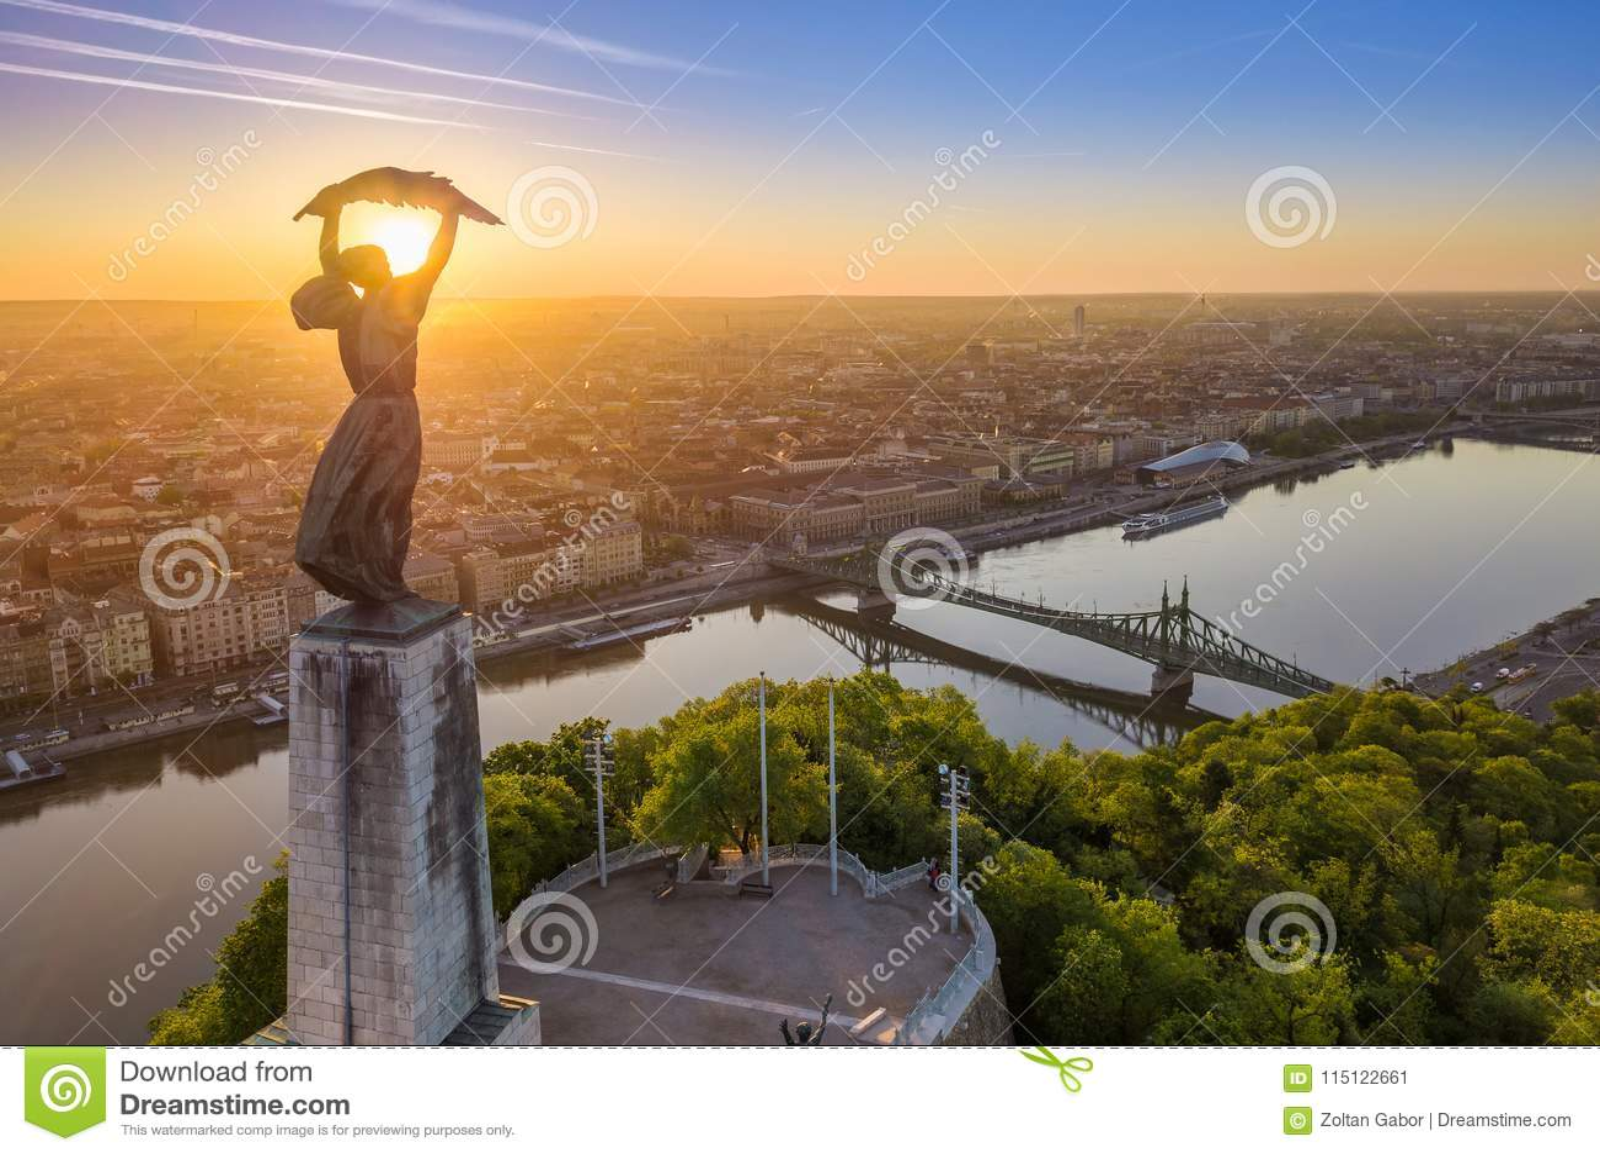 布达佩斯,匈牙利-美好的布达佩斯匈牙利人自由女神像和地平线的鸟瞰图有自由桥梁的